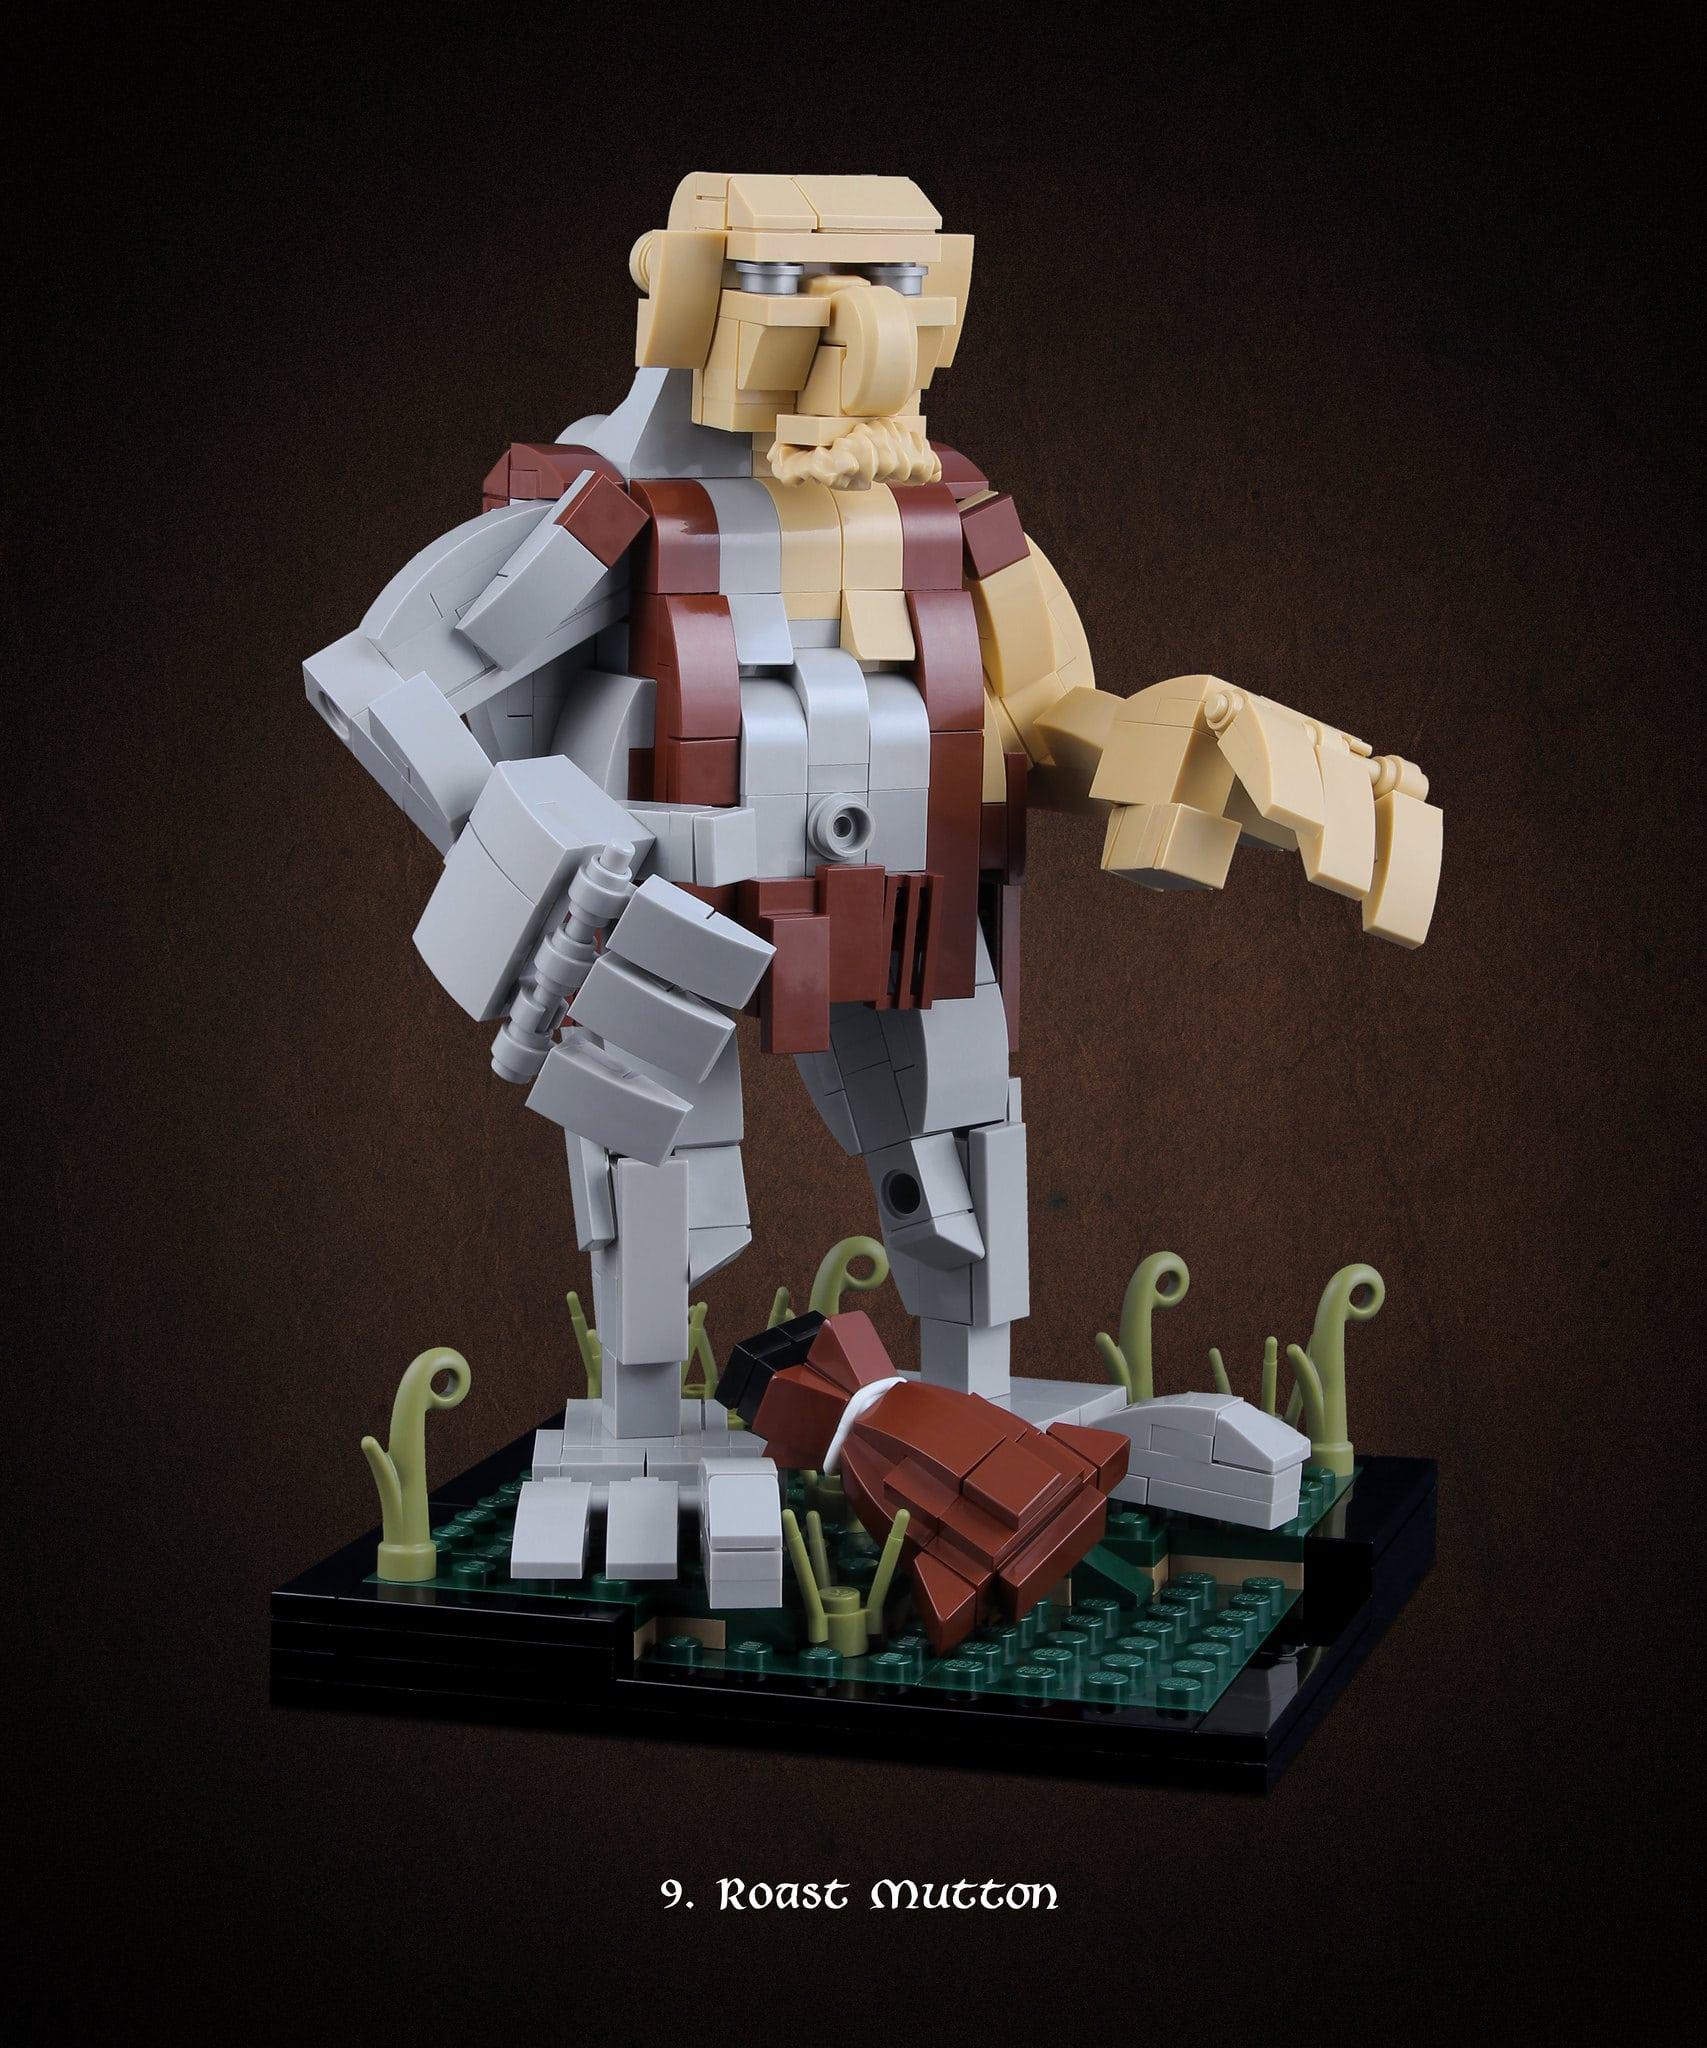 LEGO Hobbit Thorsten Bonsch Vignetten Serie (9)